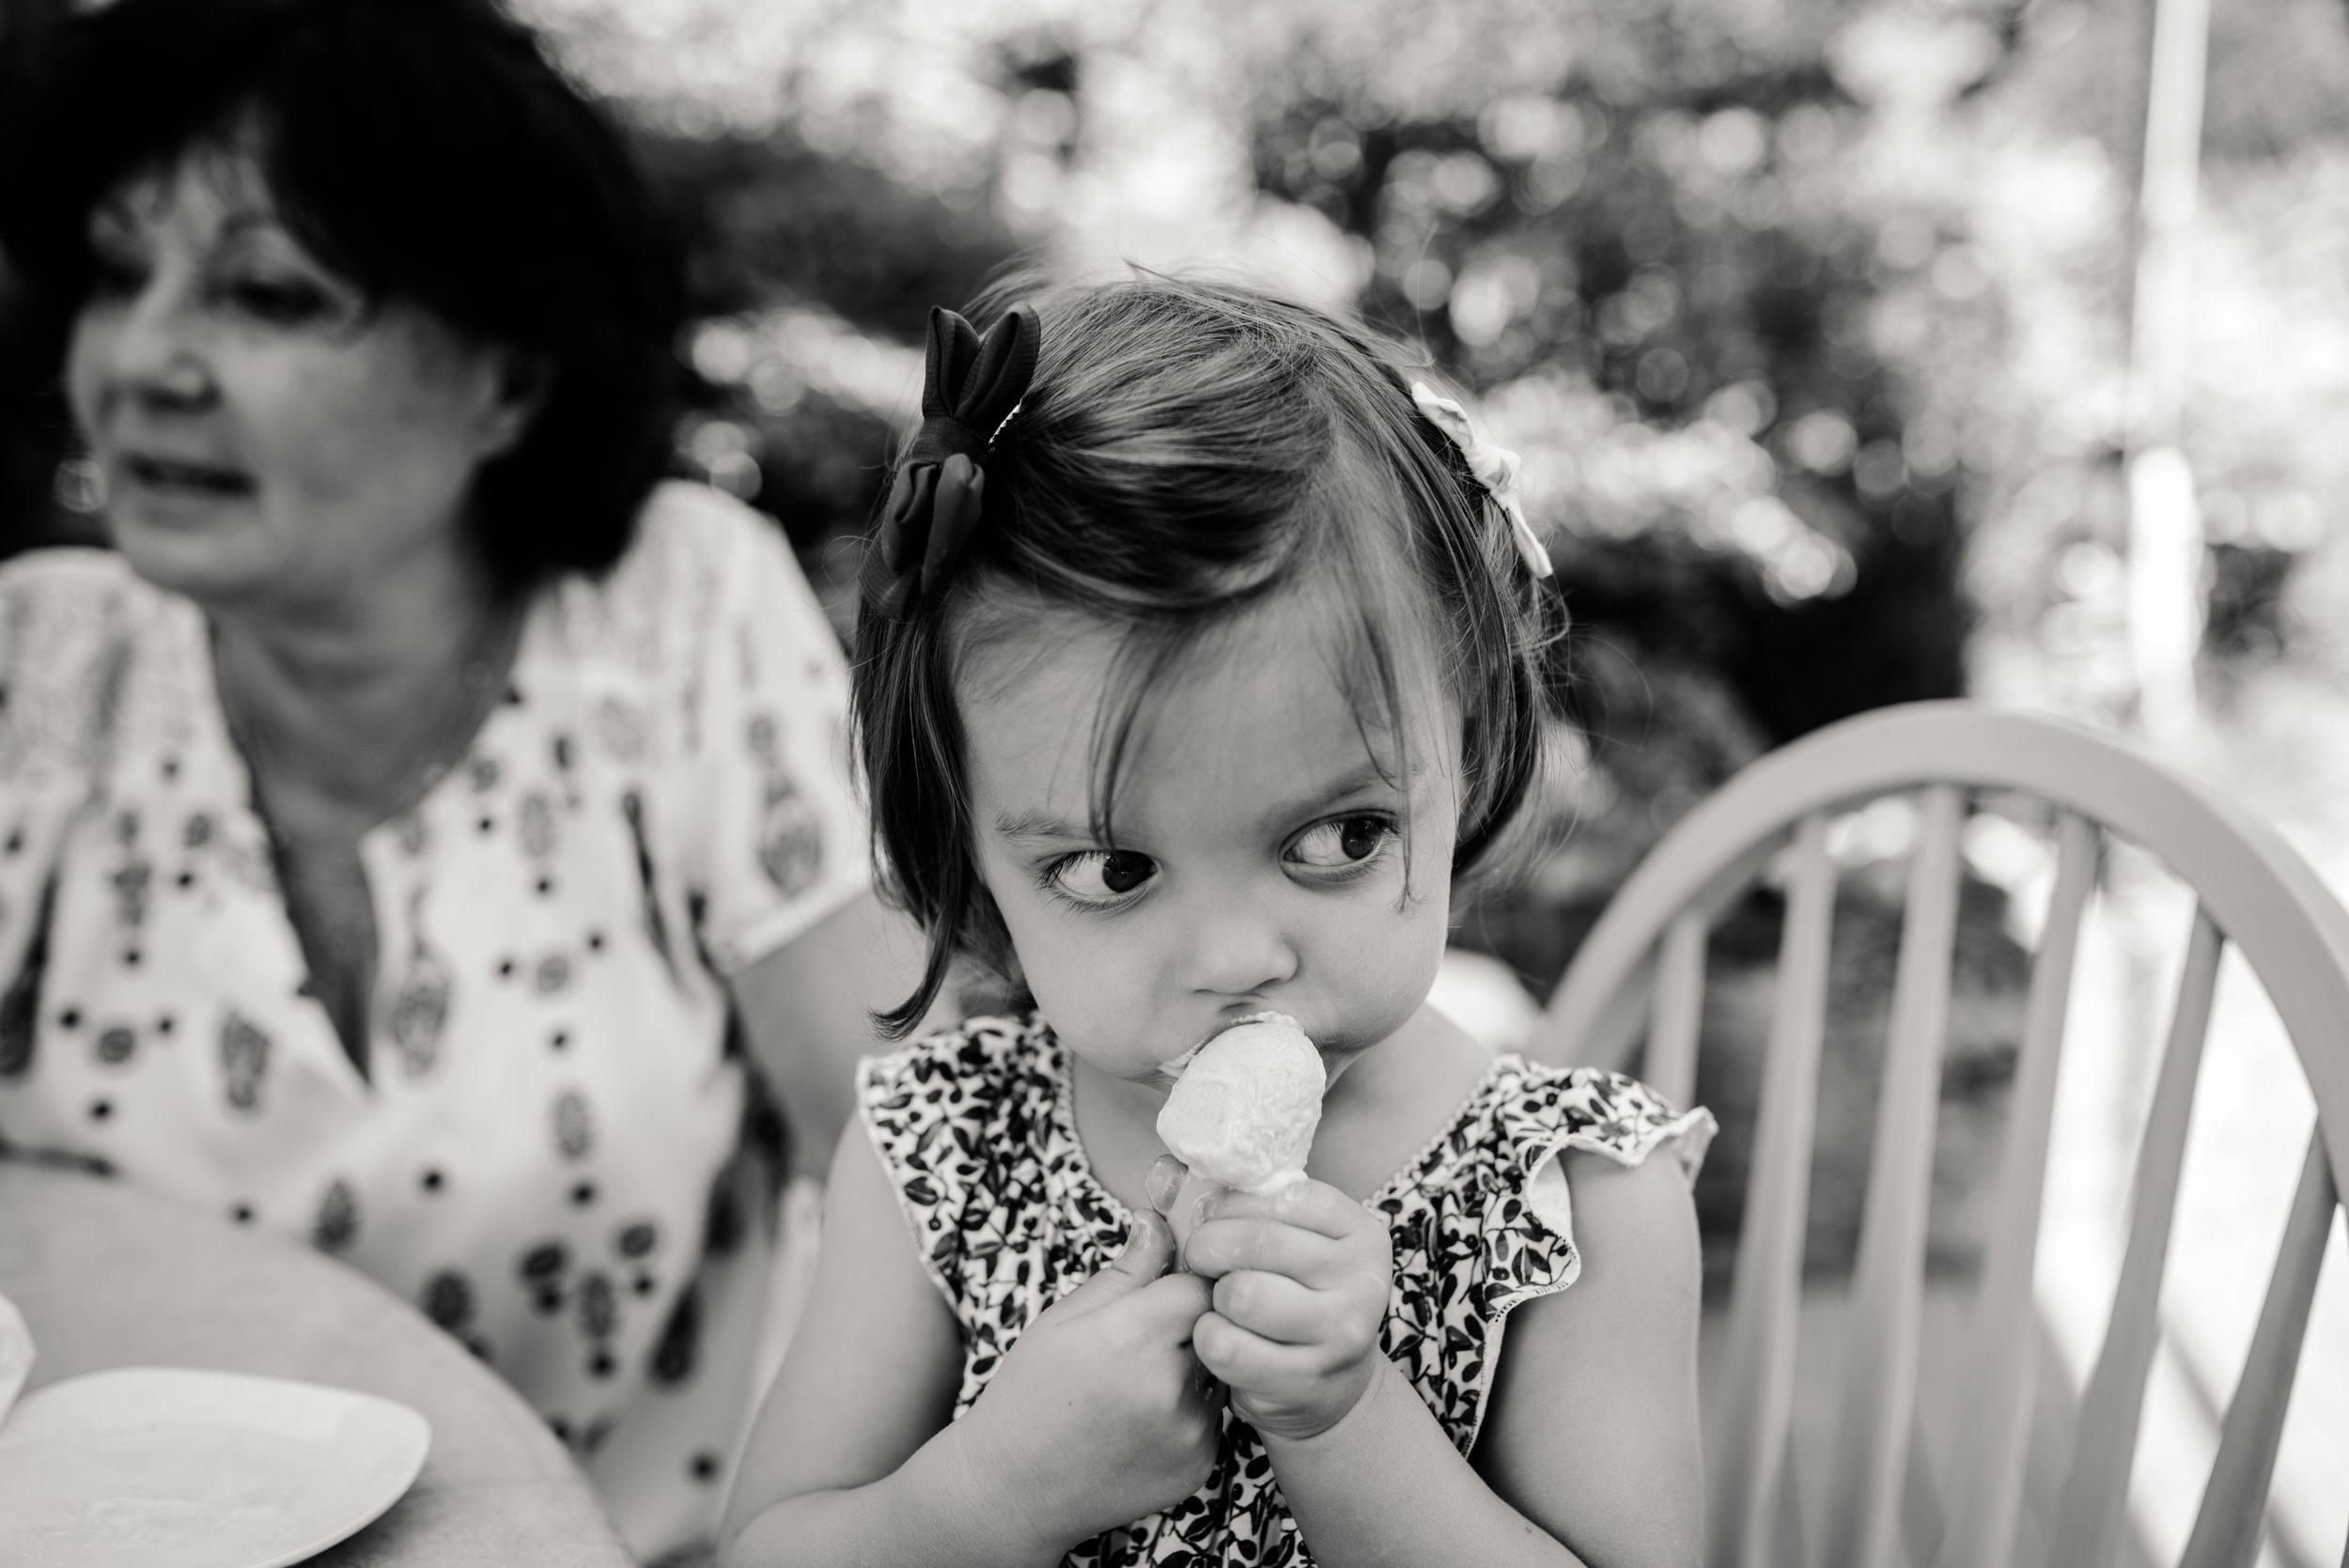 Léa-Fery-photographe-professionnel-lyon-rhone-alpes-portrait-creation-mariage-evenement-evenementiel-famille-4997.jpg